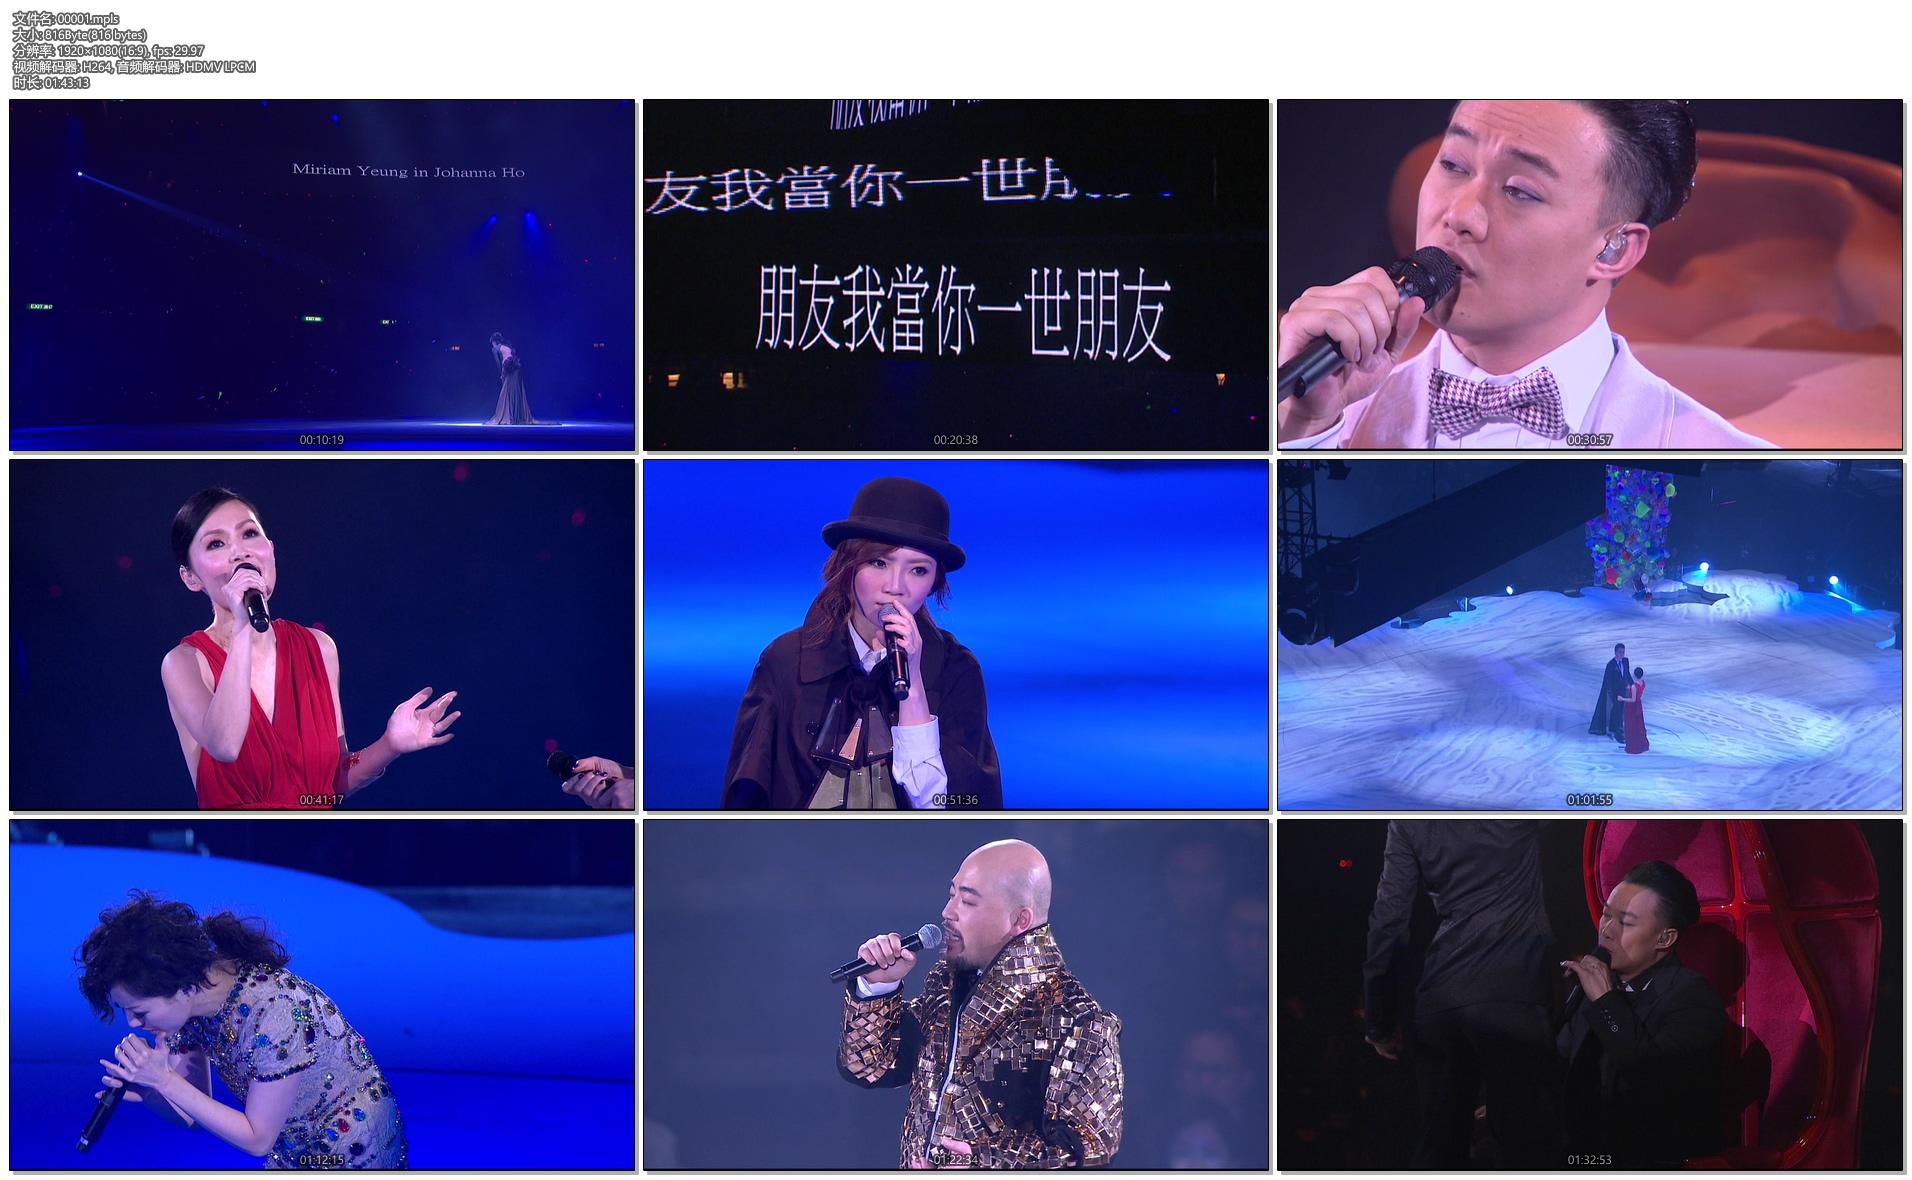 [蓝光原盘] 黄伟文作品展 演唱会2012 [半个香港乐坛 超过40个歌手 18年名曲尽出] 《BDMV 3碟115.52G》插图(9)